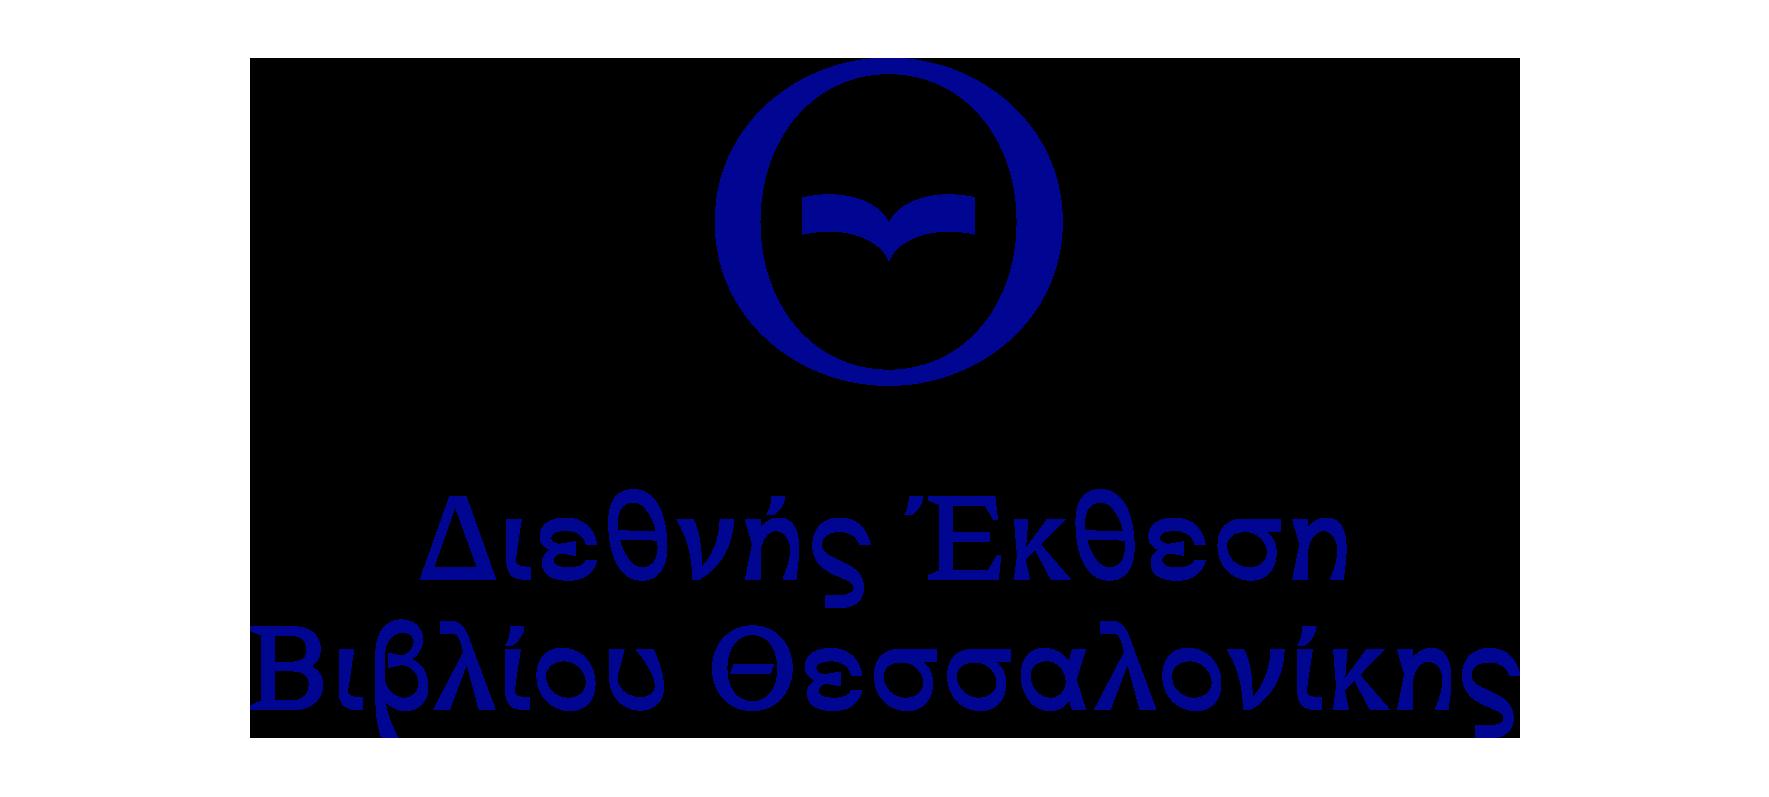 Η ψηφιακή μετάβαση του βιβλίου στη 15η Διεθνή Έκθεση Βιβλίου Θεσσαλονίκης